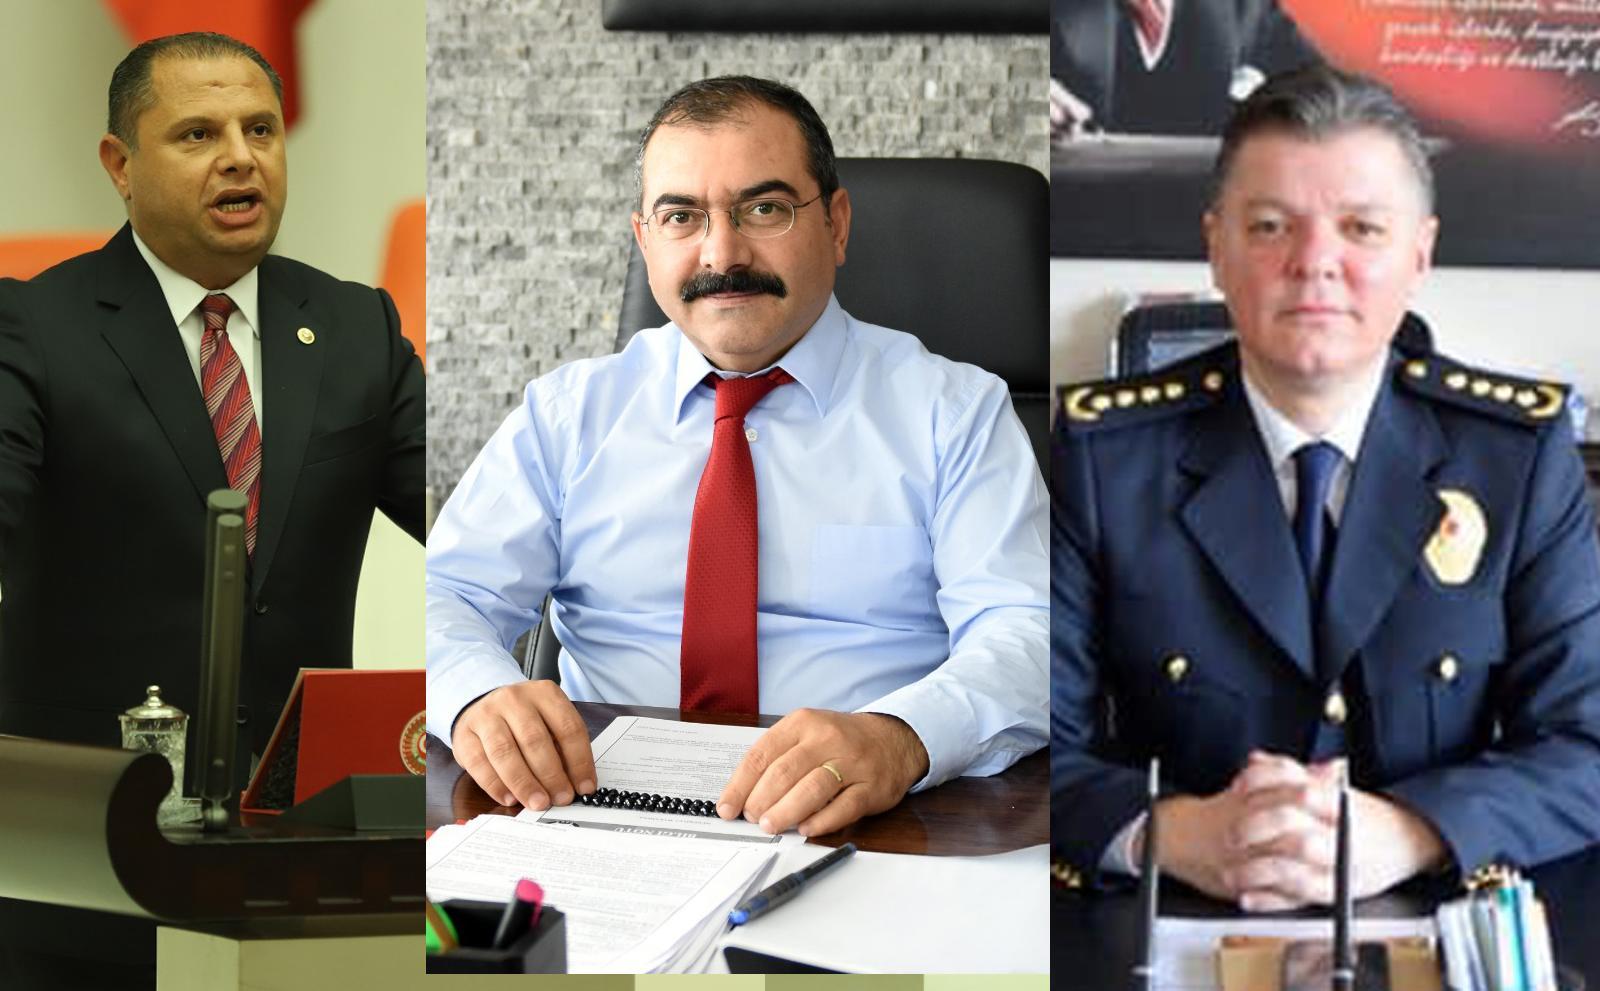 Anadolu'daki dostluklar ebedidi111111 - Anadolu'daki dostluklar ebedidir